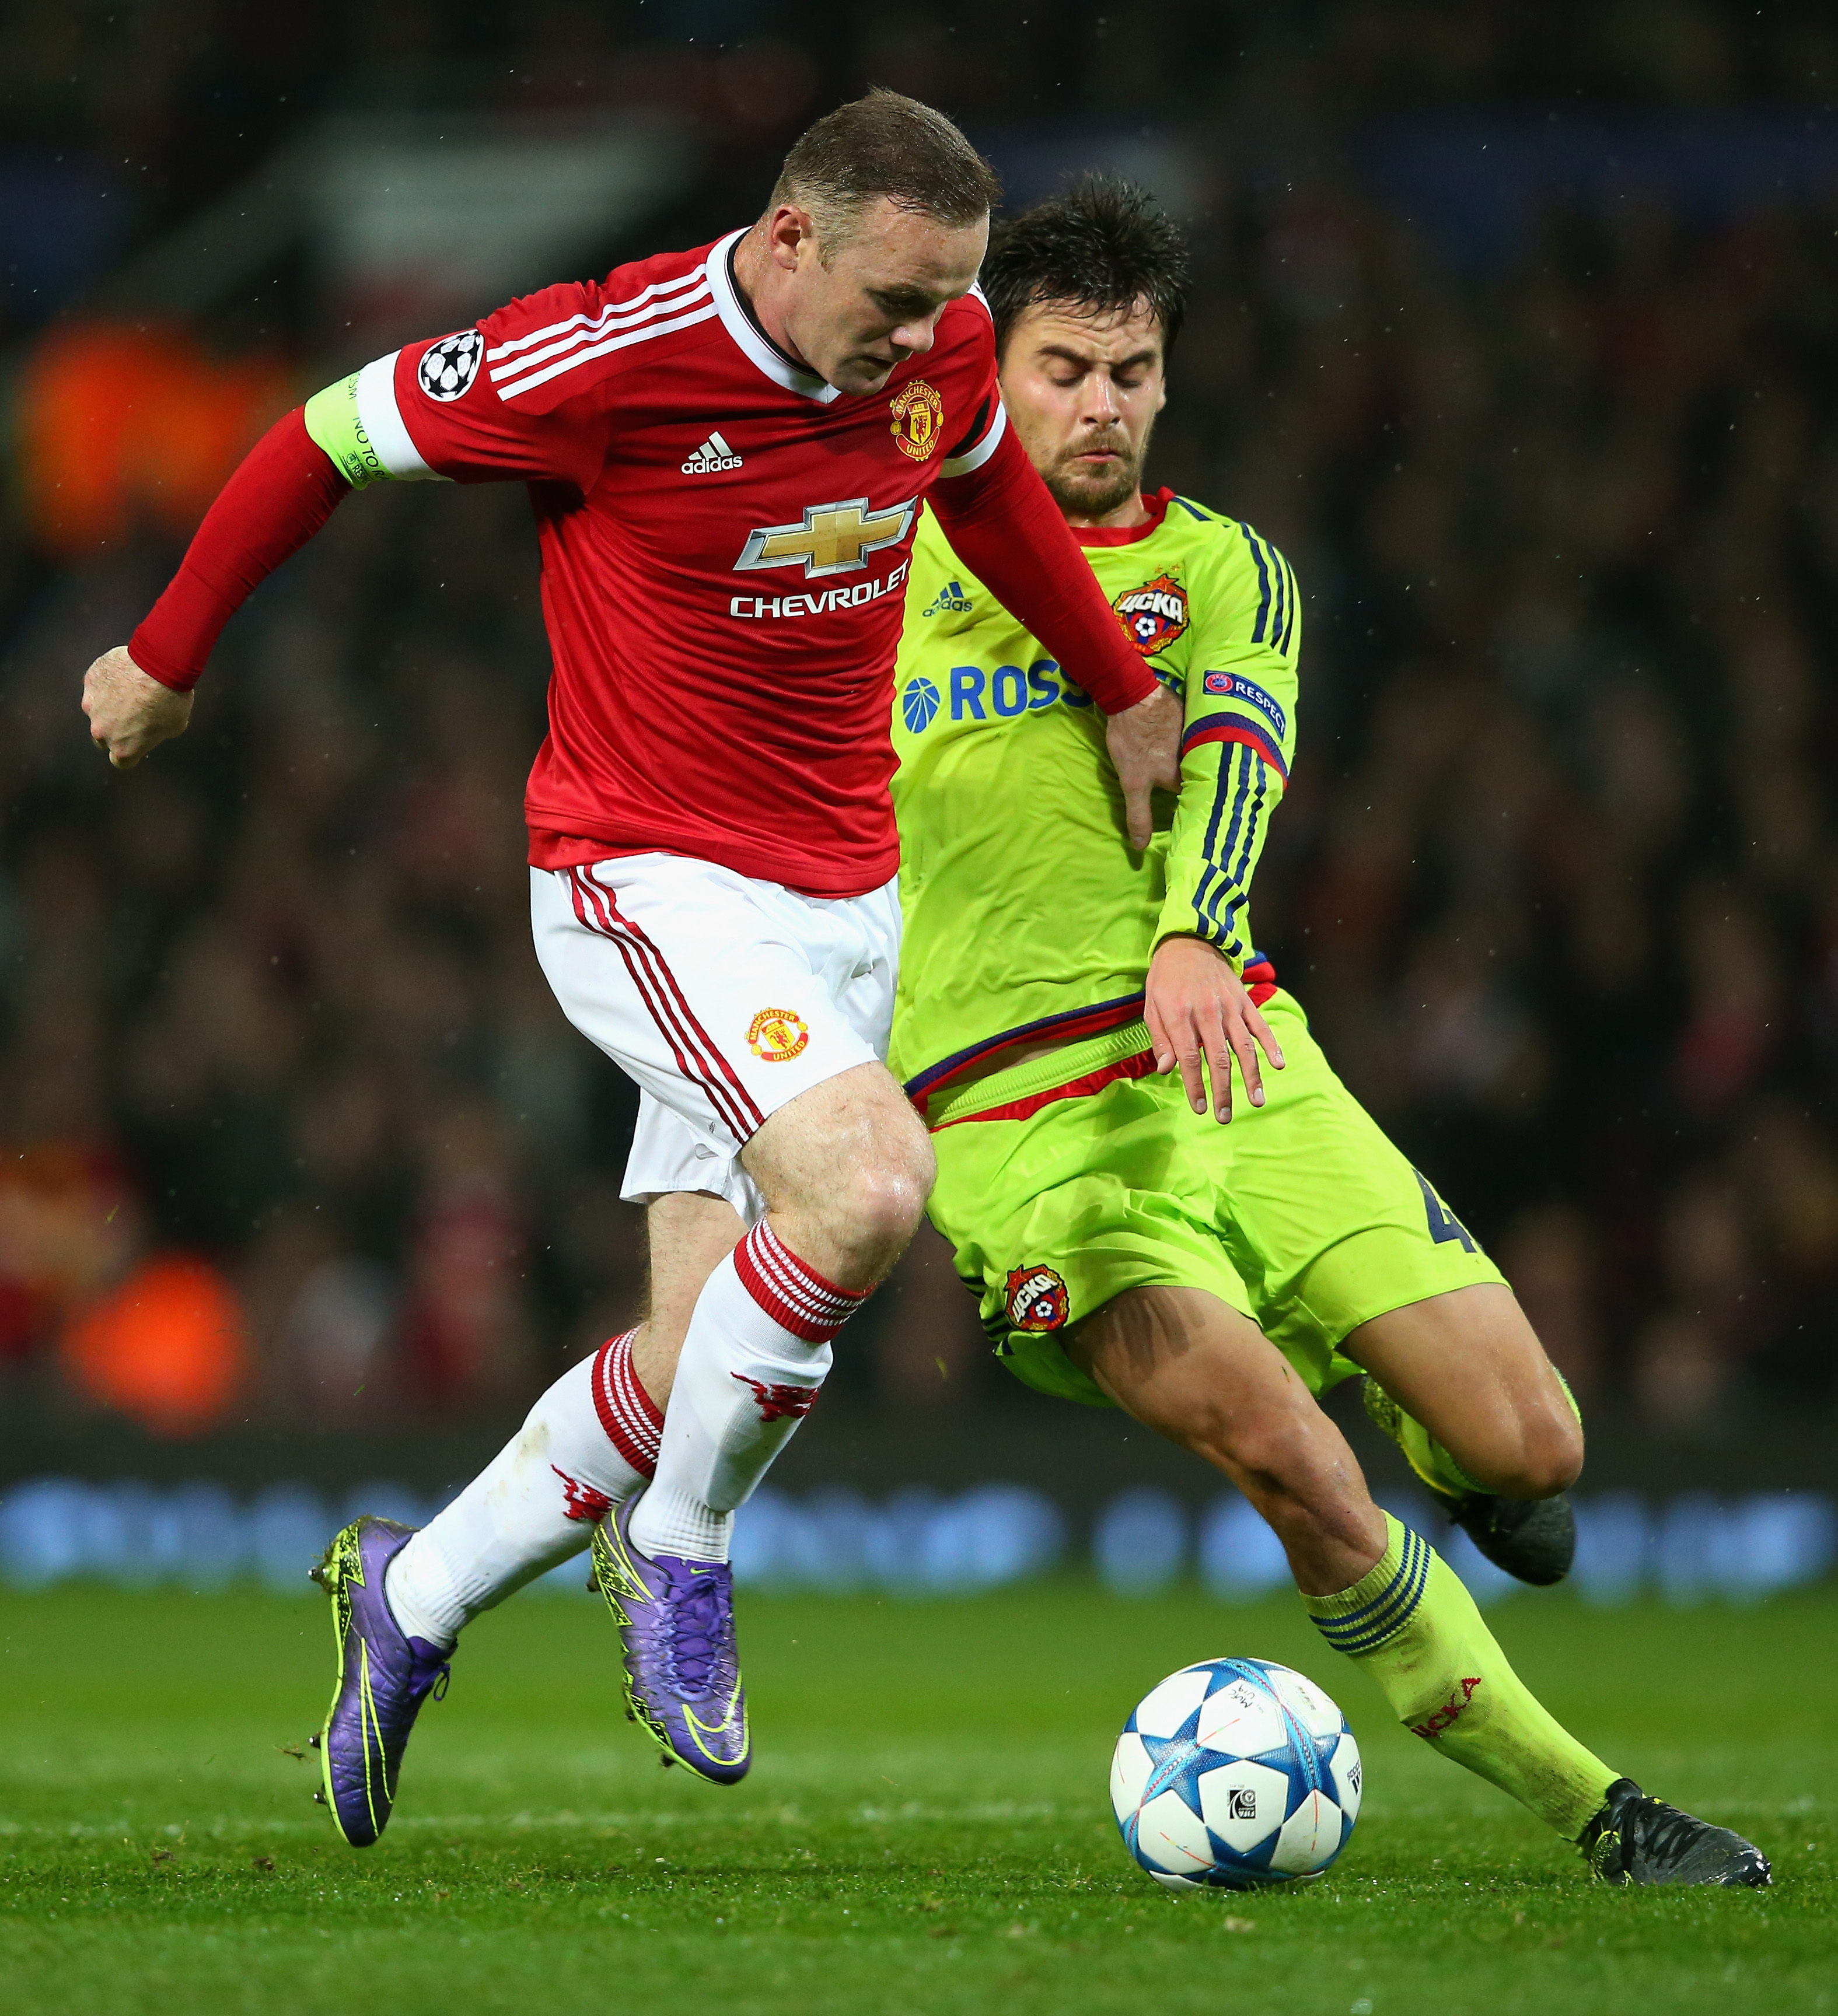 Amar A Muerte Capitulo 31: Manchester United 1-0 CSKA Moscu: Rooney Castiga Al CSKA Y